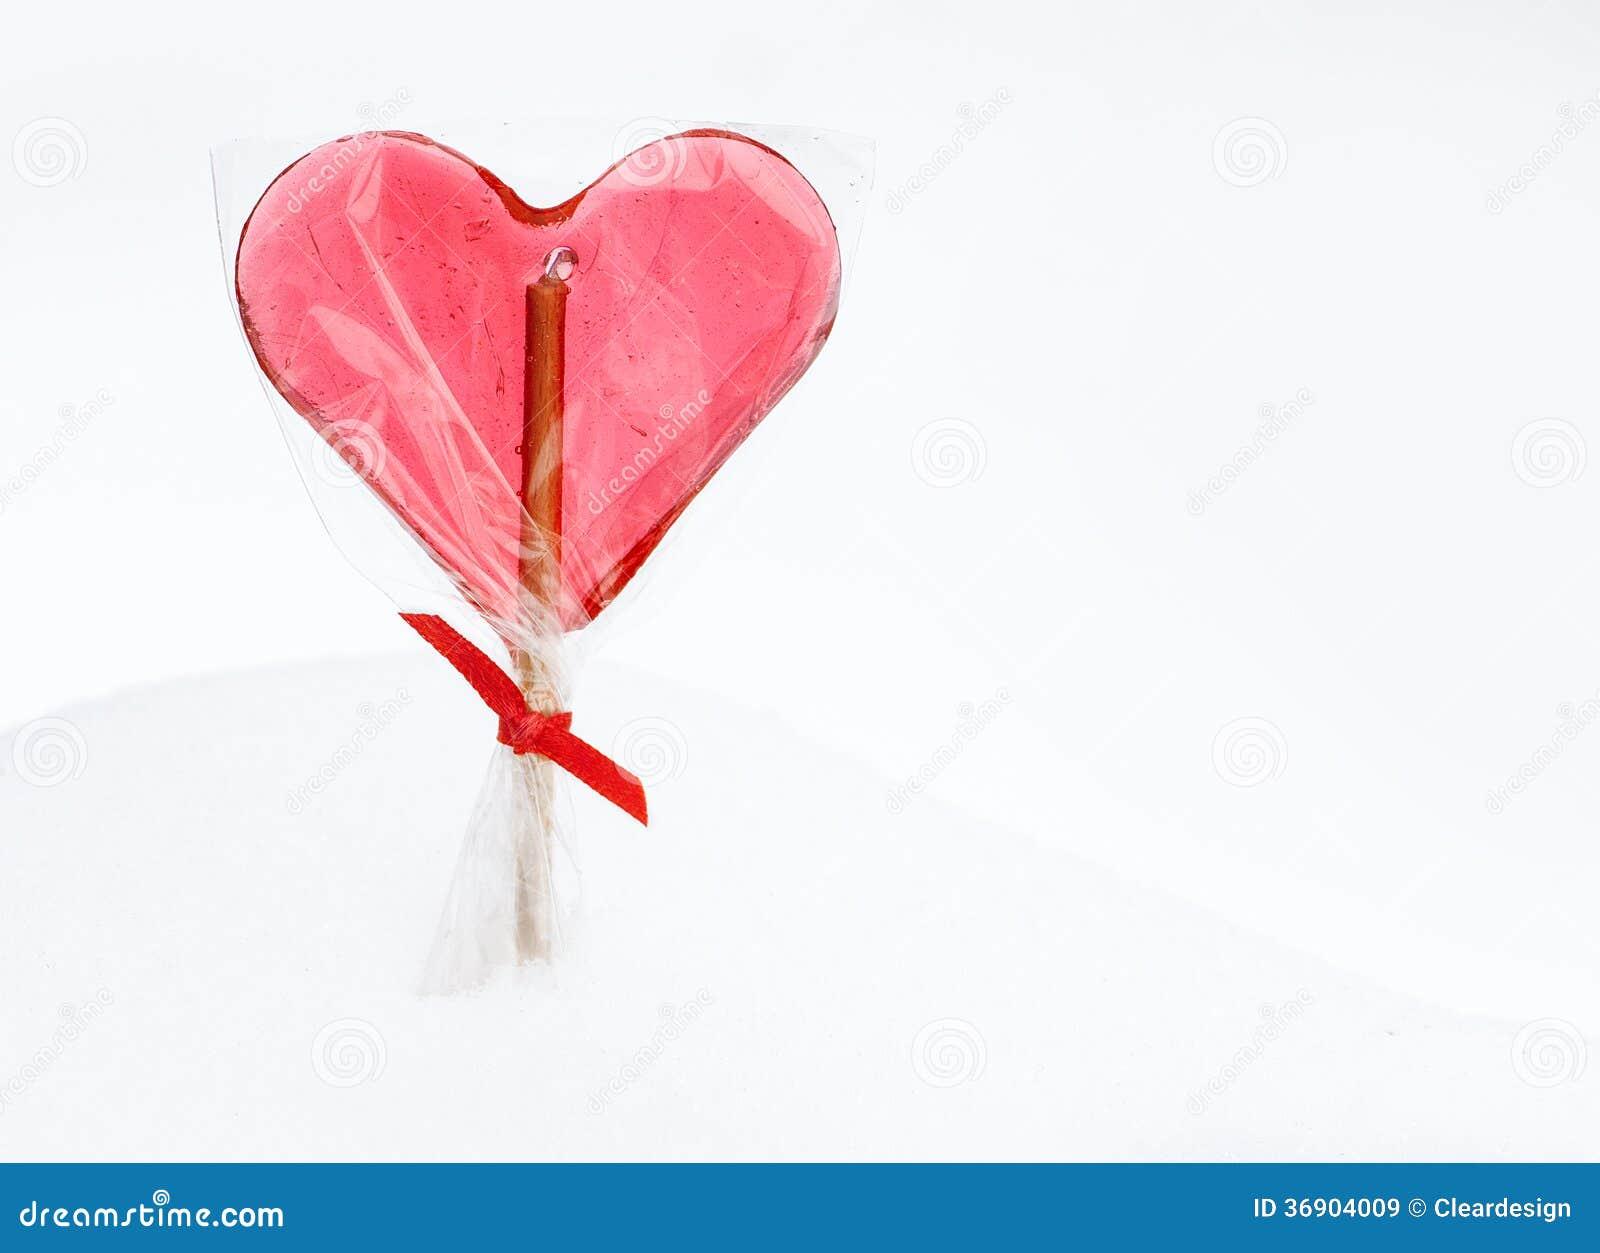 Walentynka dzień - czerwony kierowy lizak na śnieżnym tle